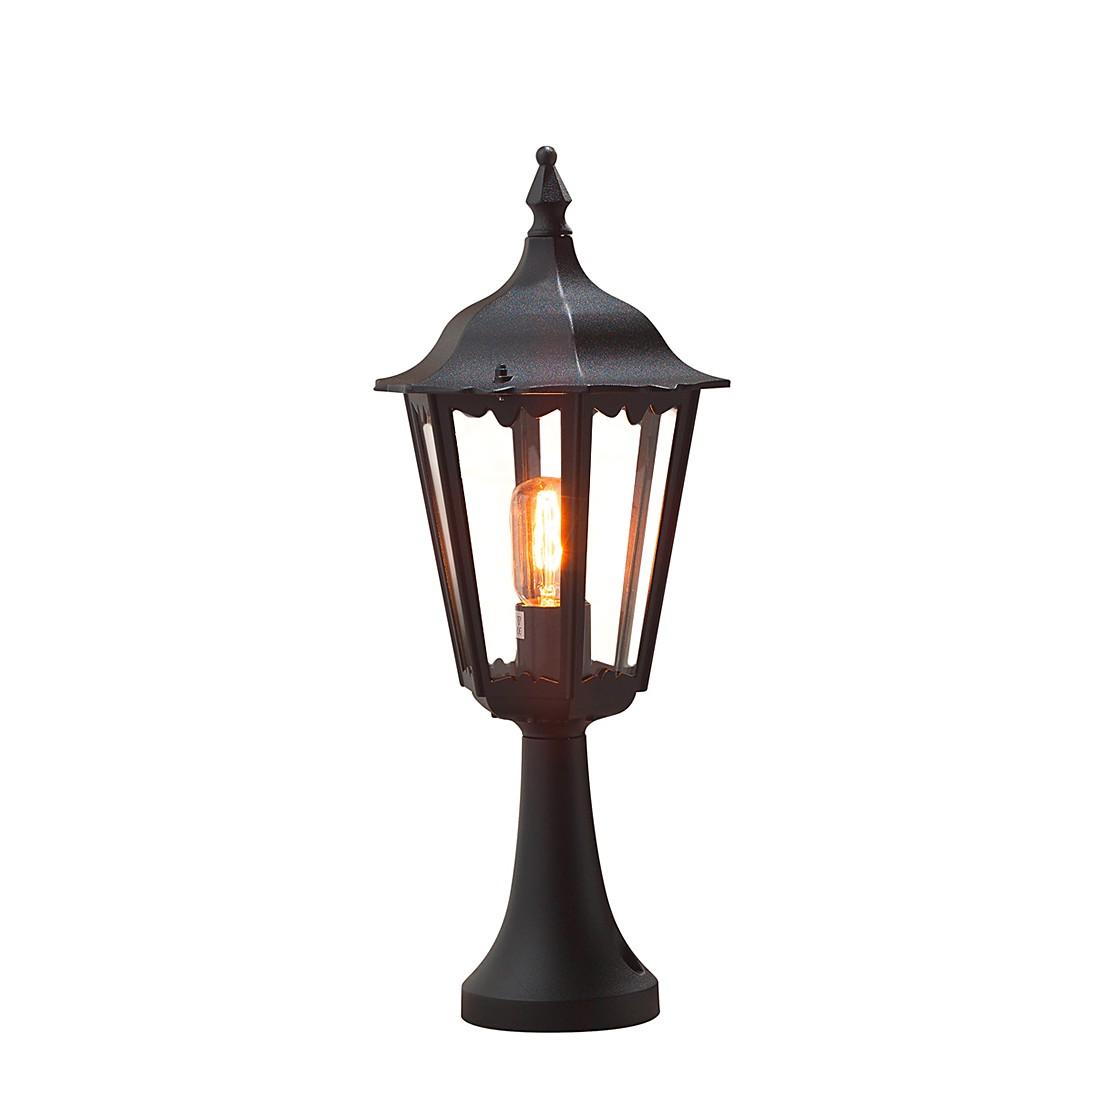 Sokkellamp Firenze Up, Konstsmide